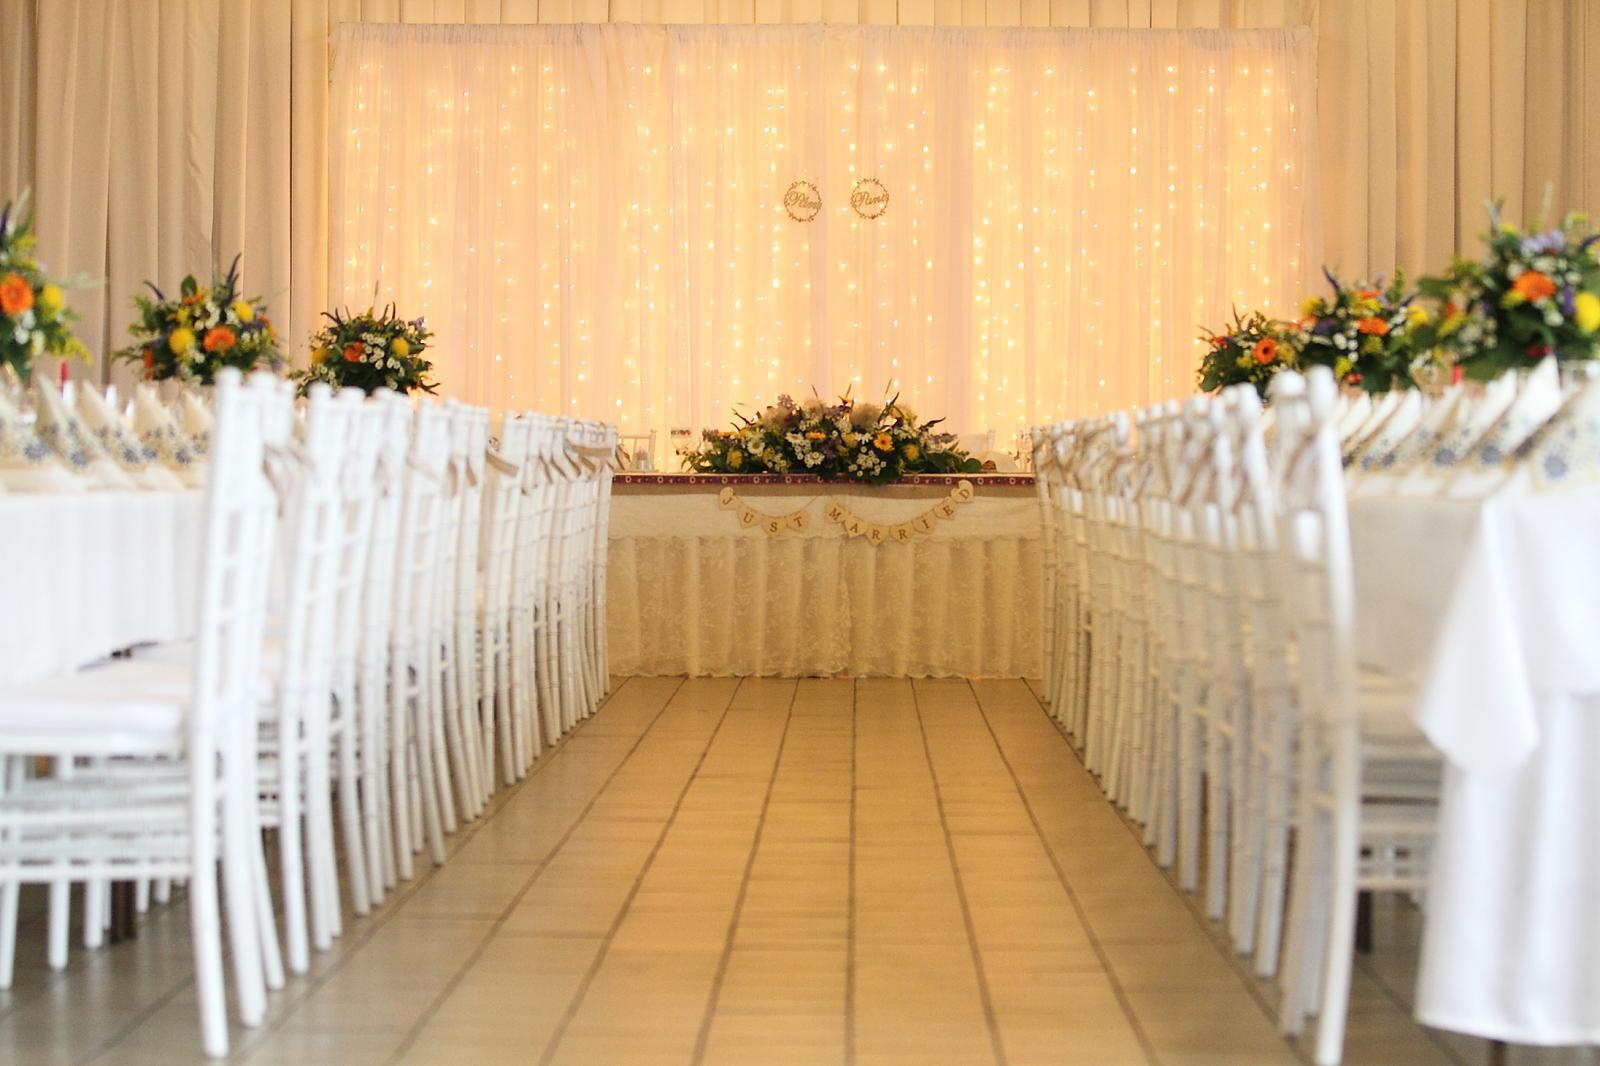 Biele chiavari stoličky prenájom 2,50 Eur - Obrázok č. 4